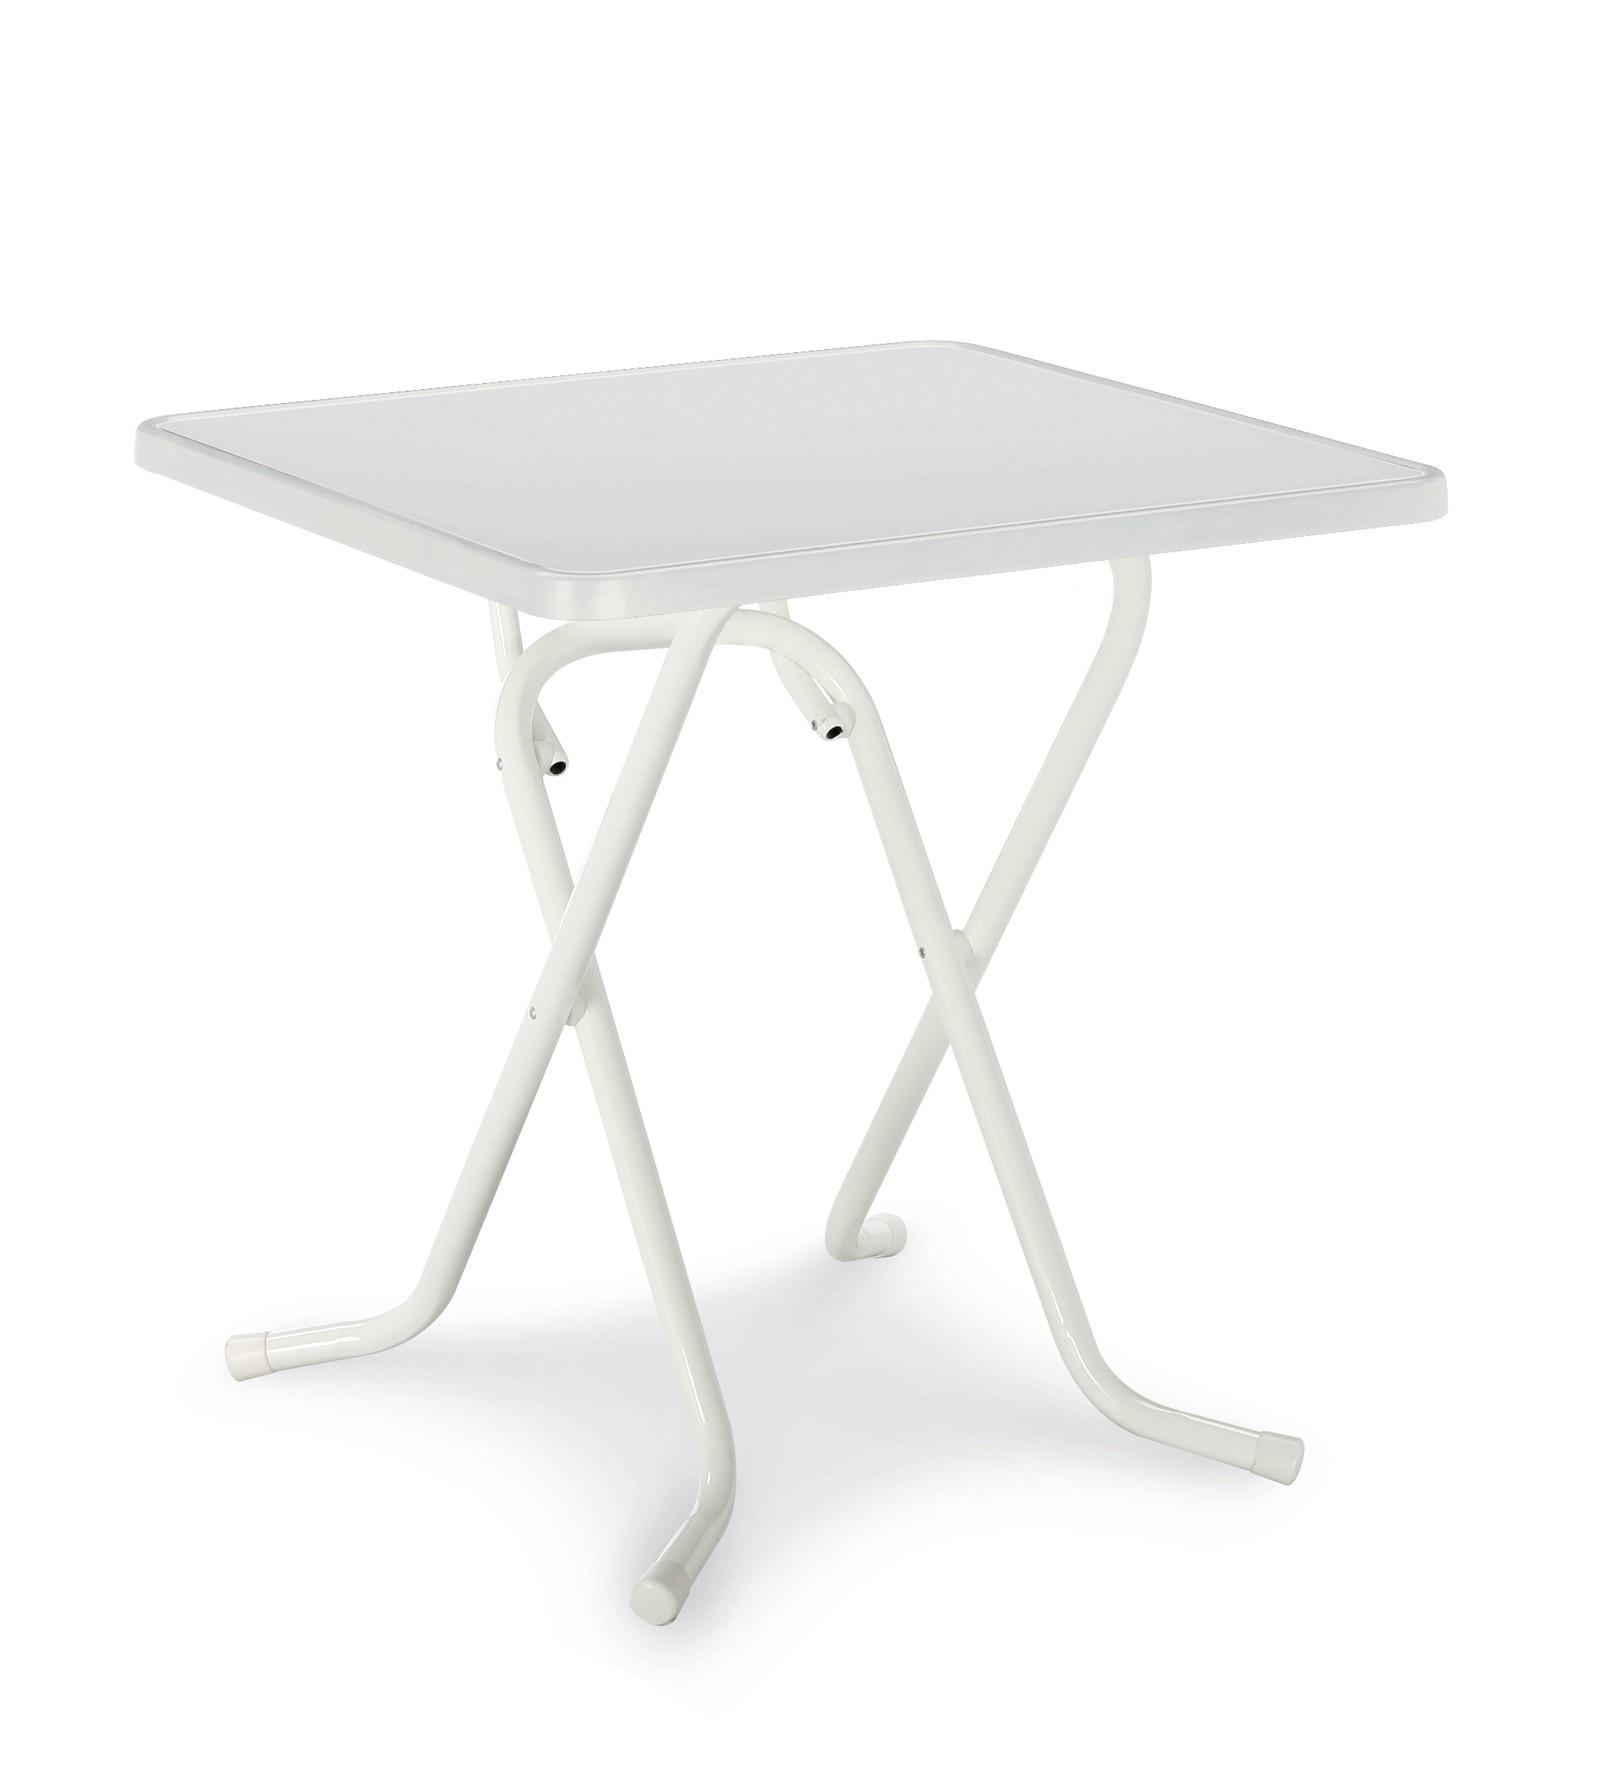 Gartentisch / Klapptisch Primo Best 67x67cm Stahl weiß Bild 1